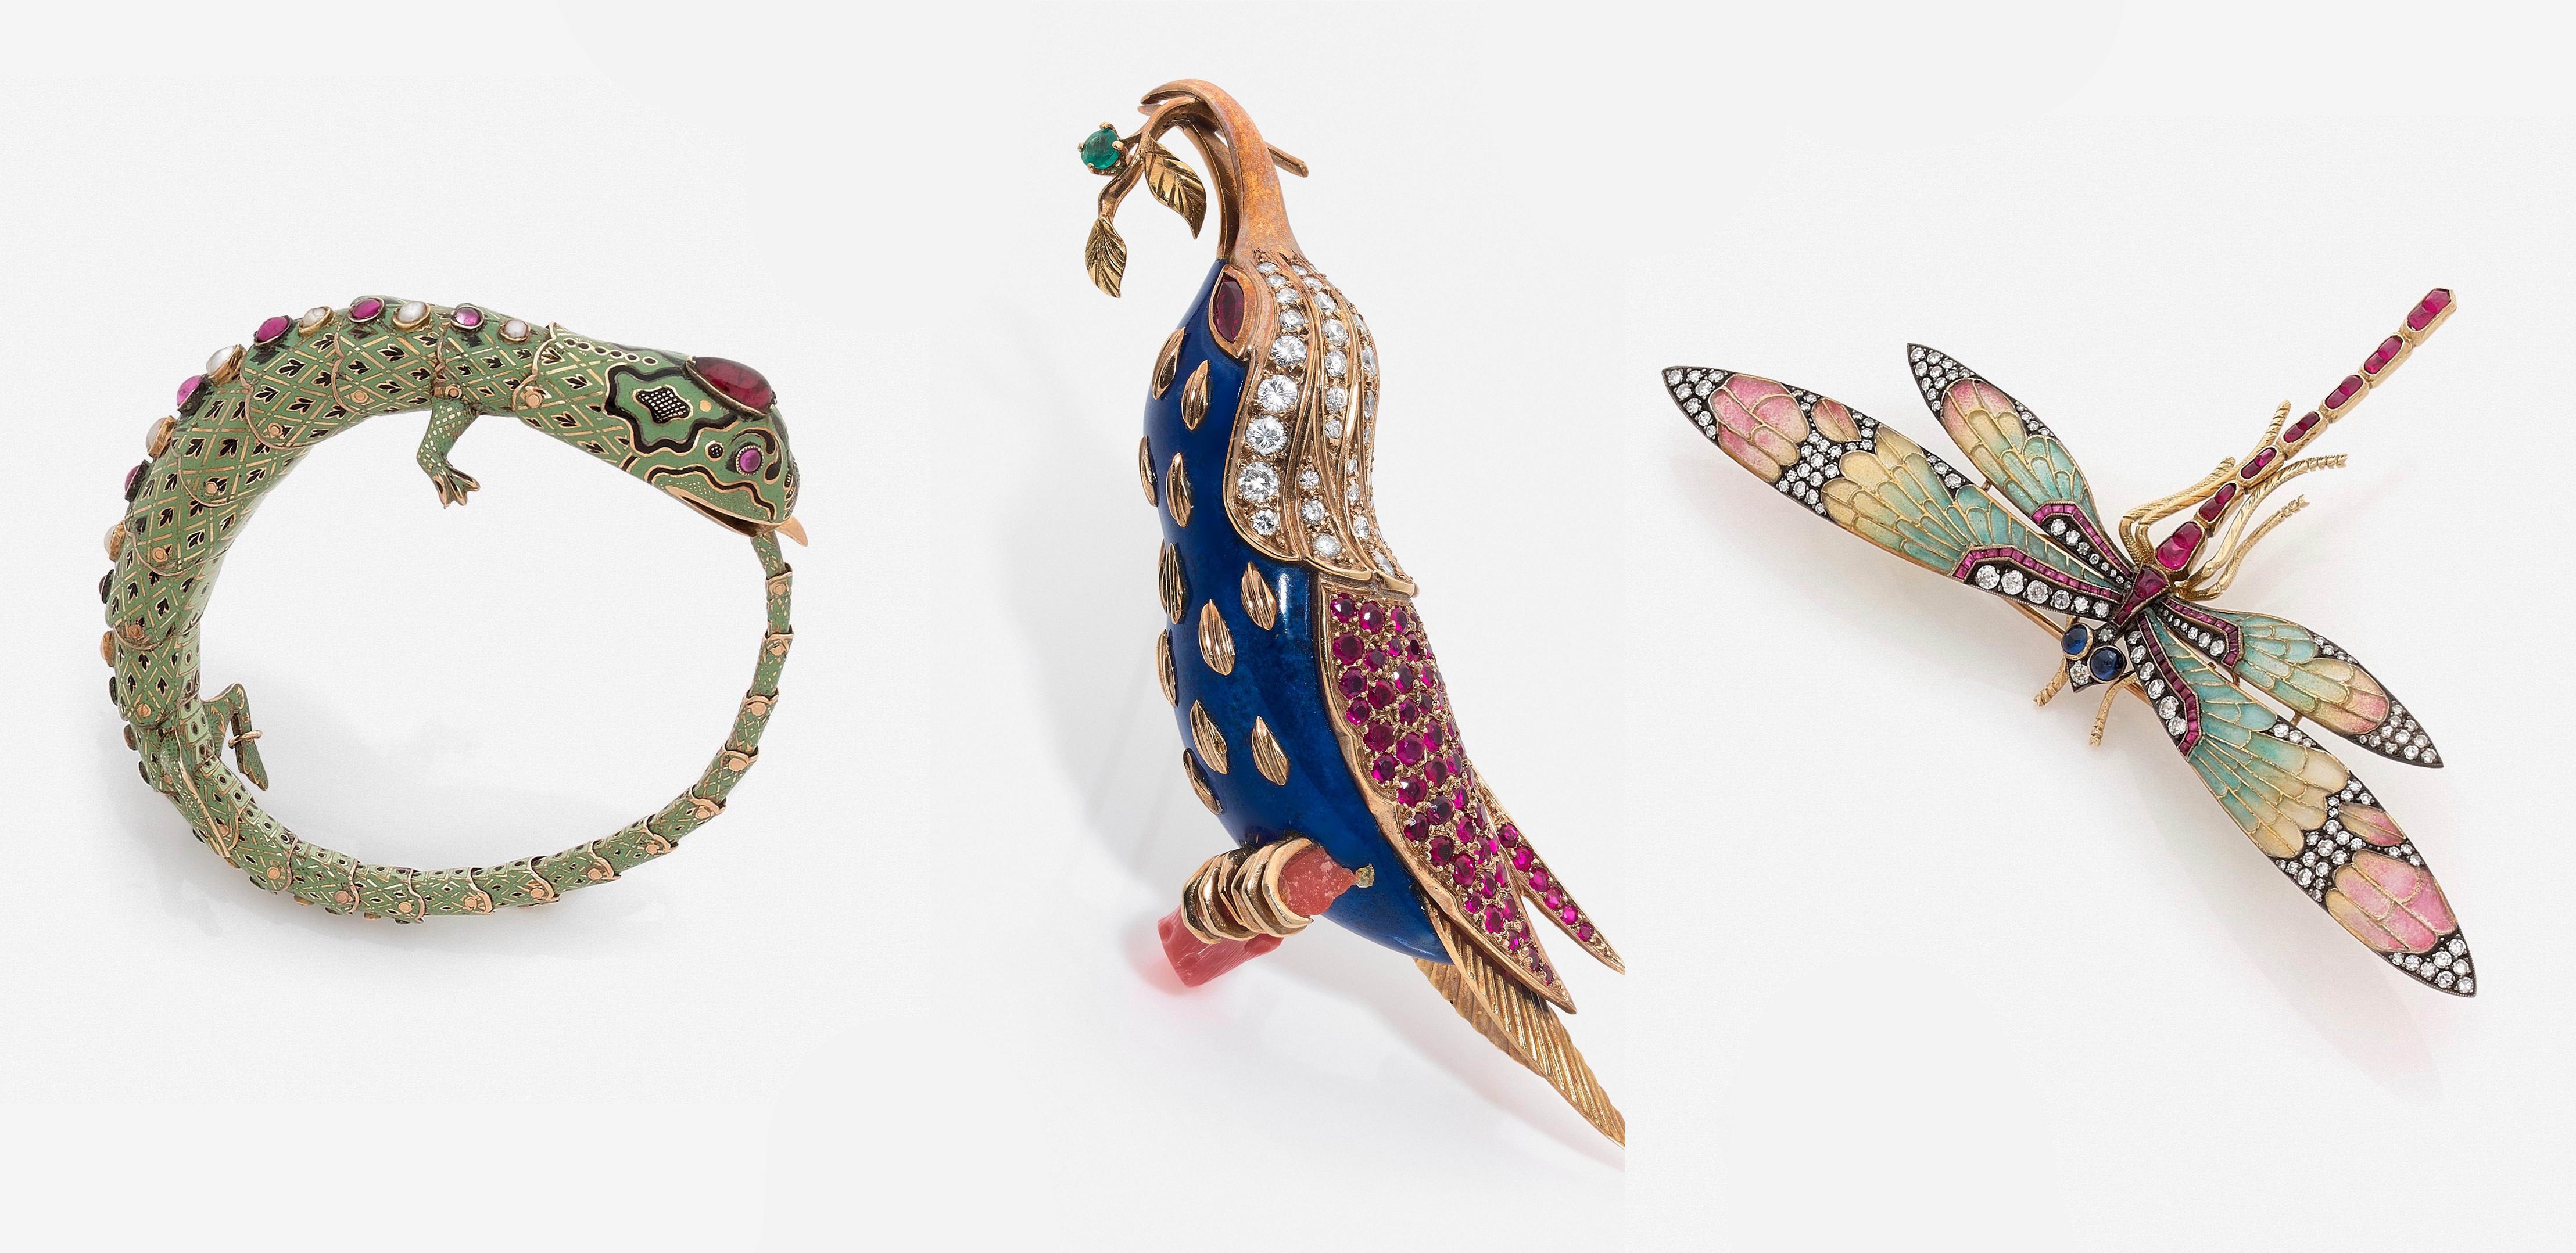 Bracelet lézard, Piaget, broche oiseau exotique, broche libellule, images ©HVMC